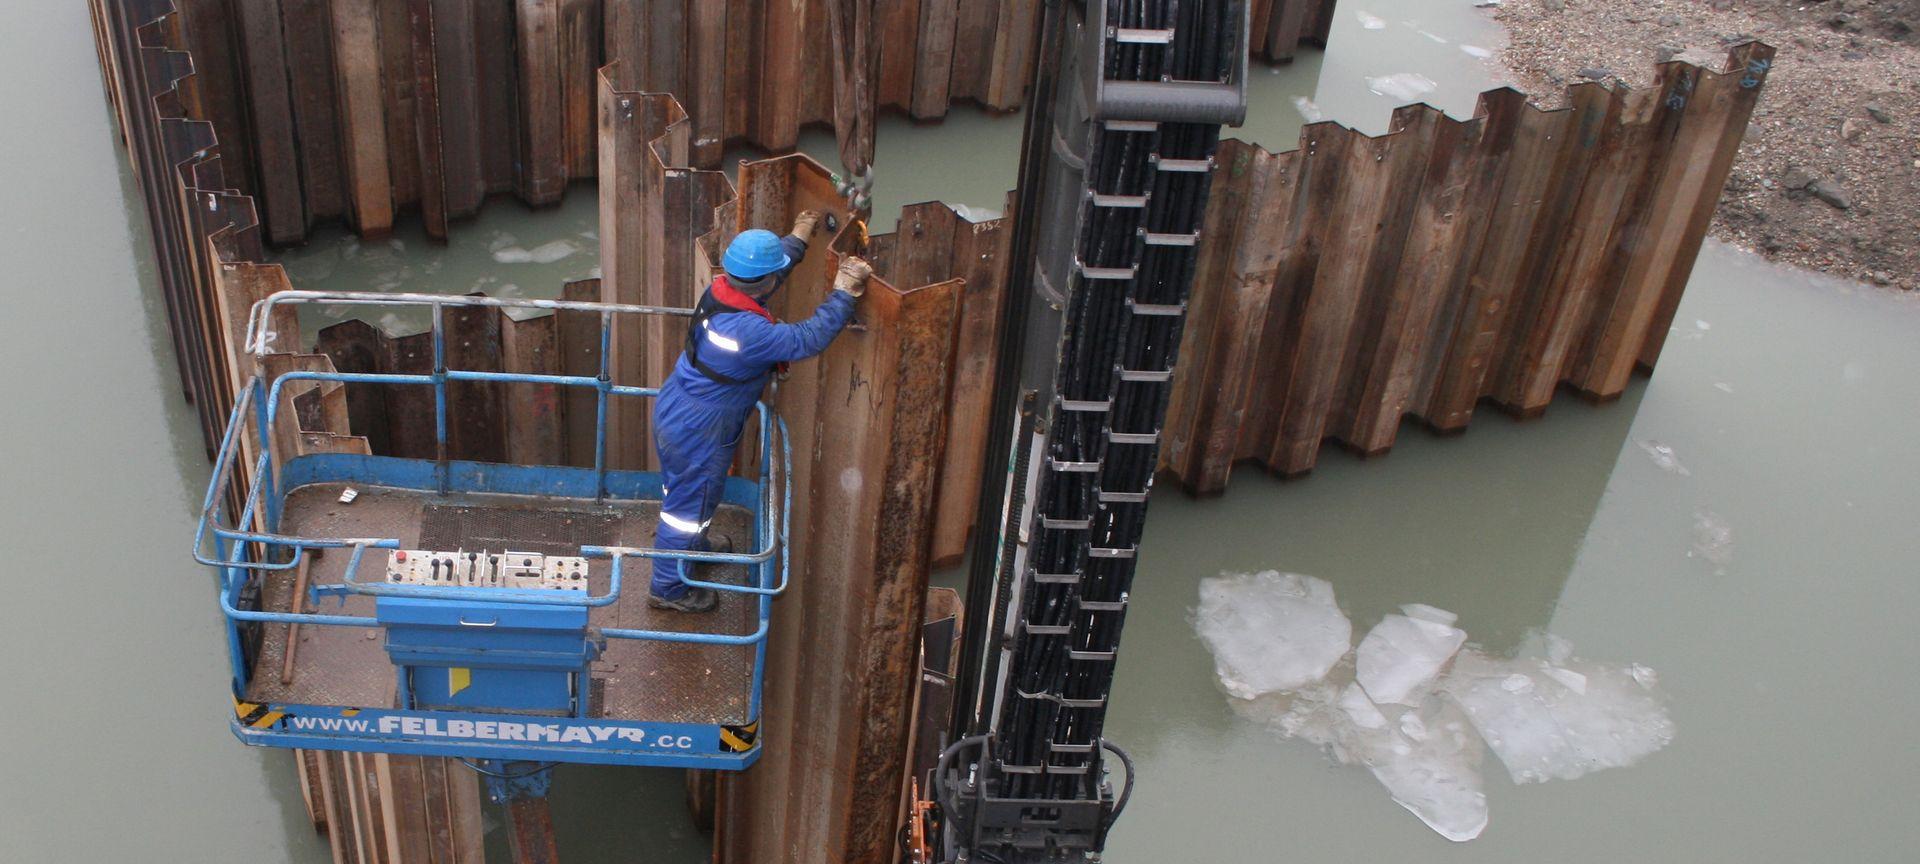 Rammtechnik für Hochwasserschutz im Einsatz Slider